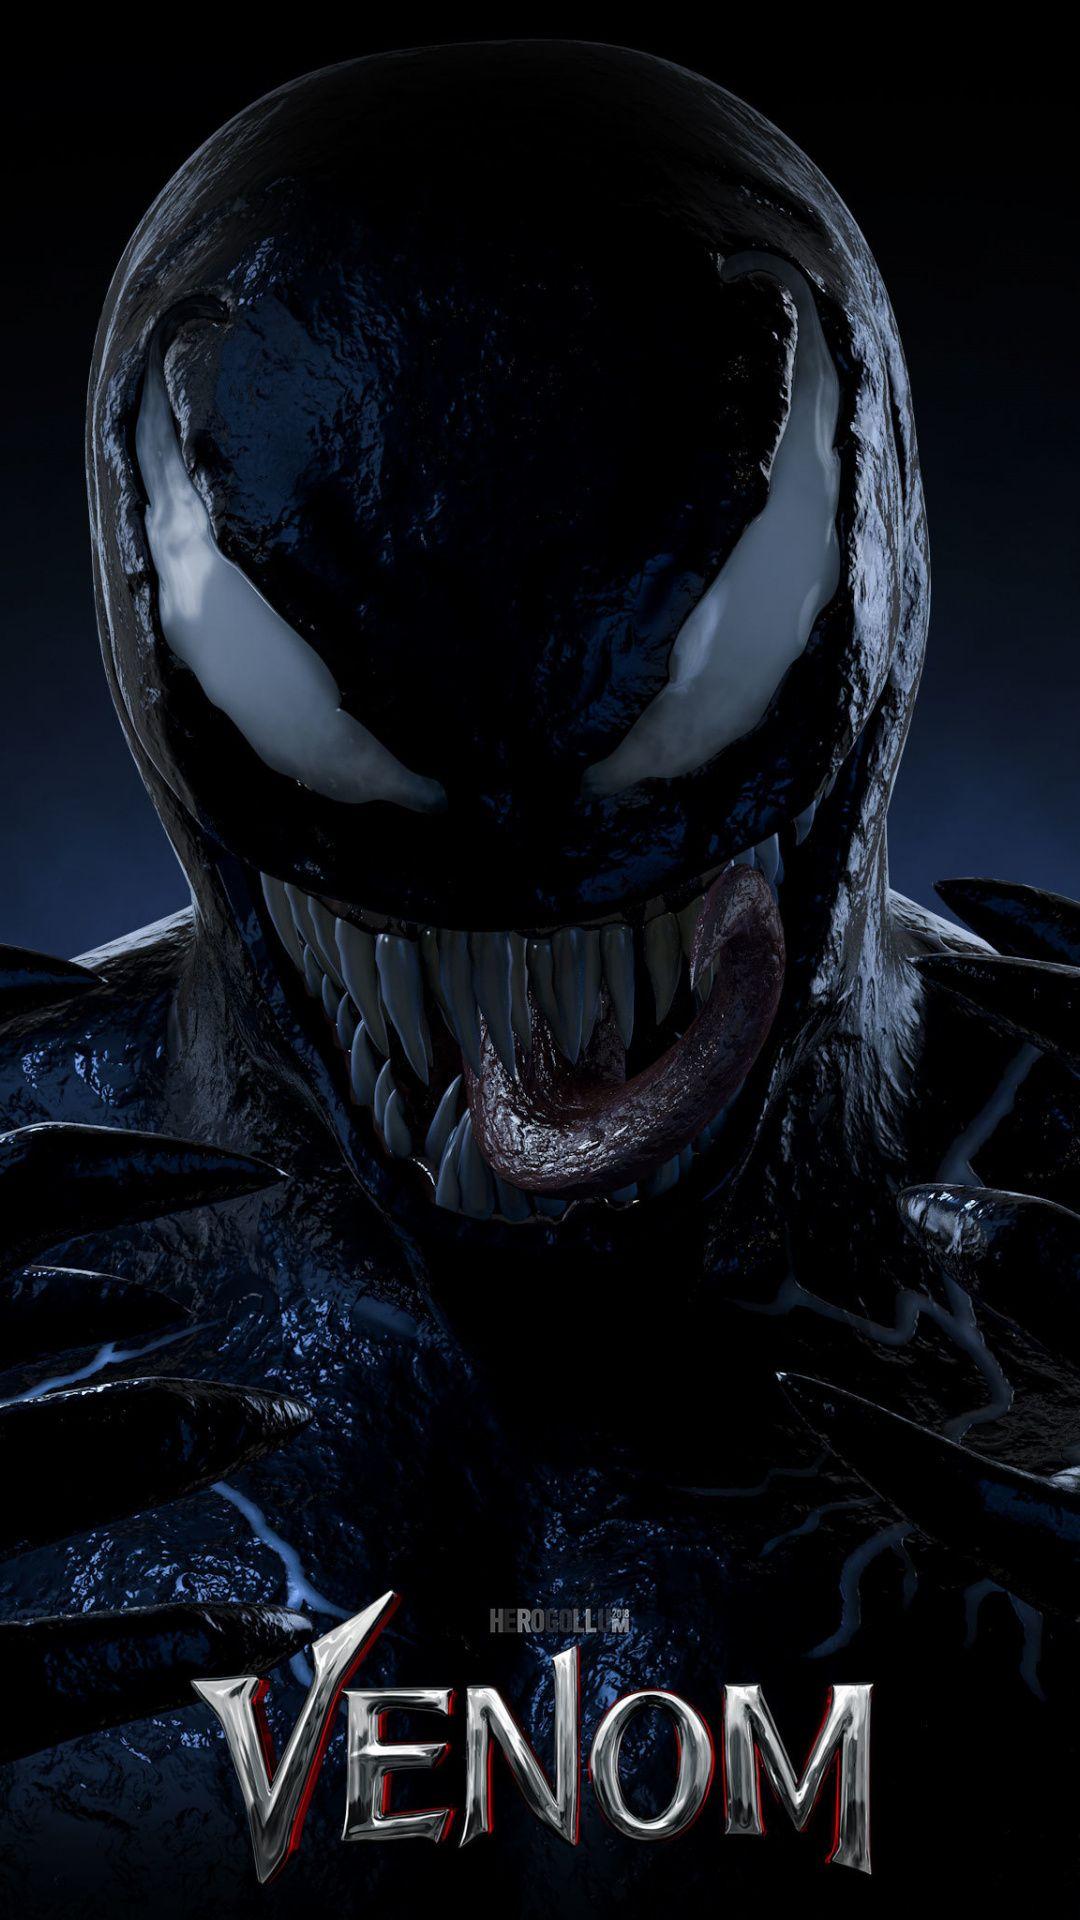 Villain Venom Super Villain Movie Poster 1080x1920 Wallpaper Venom Comics Marvel Venom Venom Art